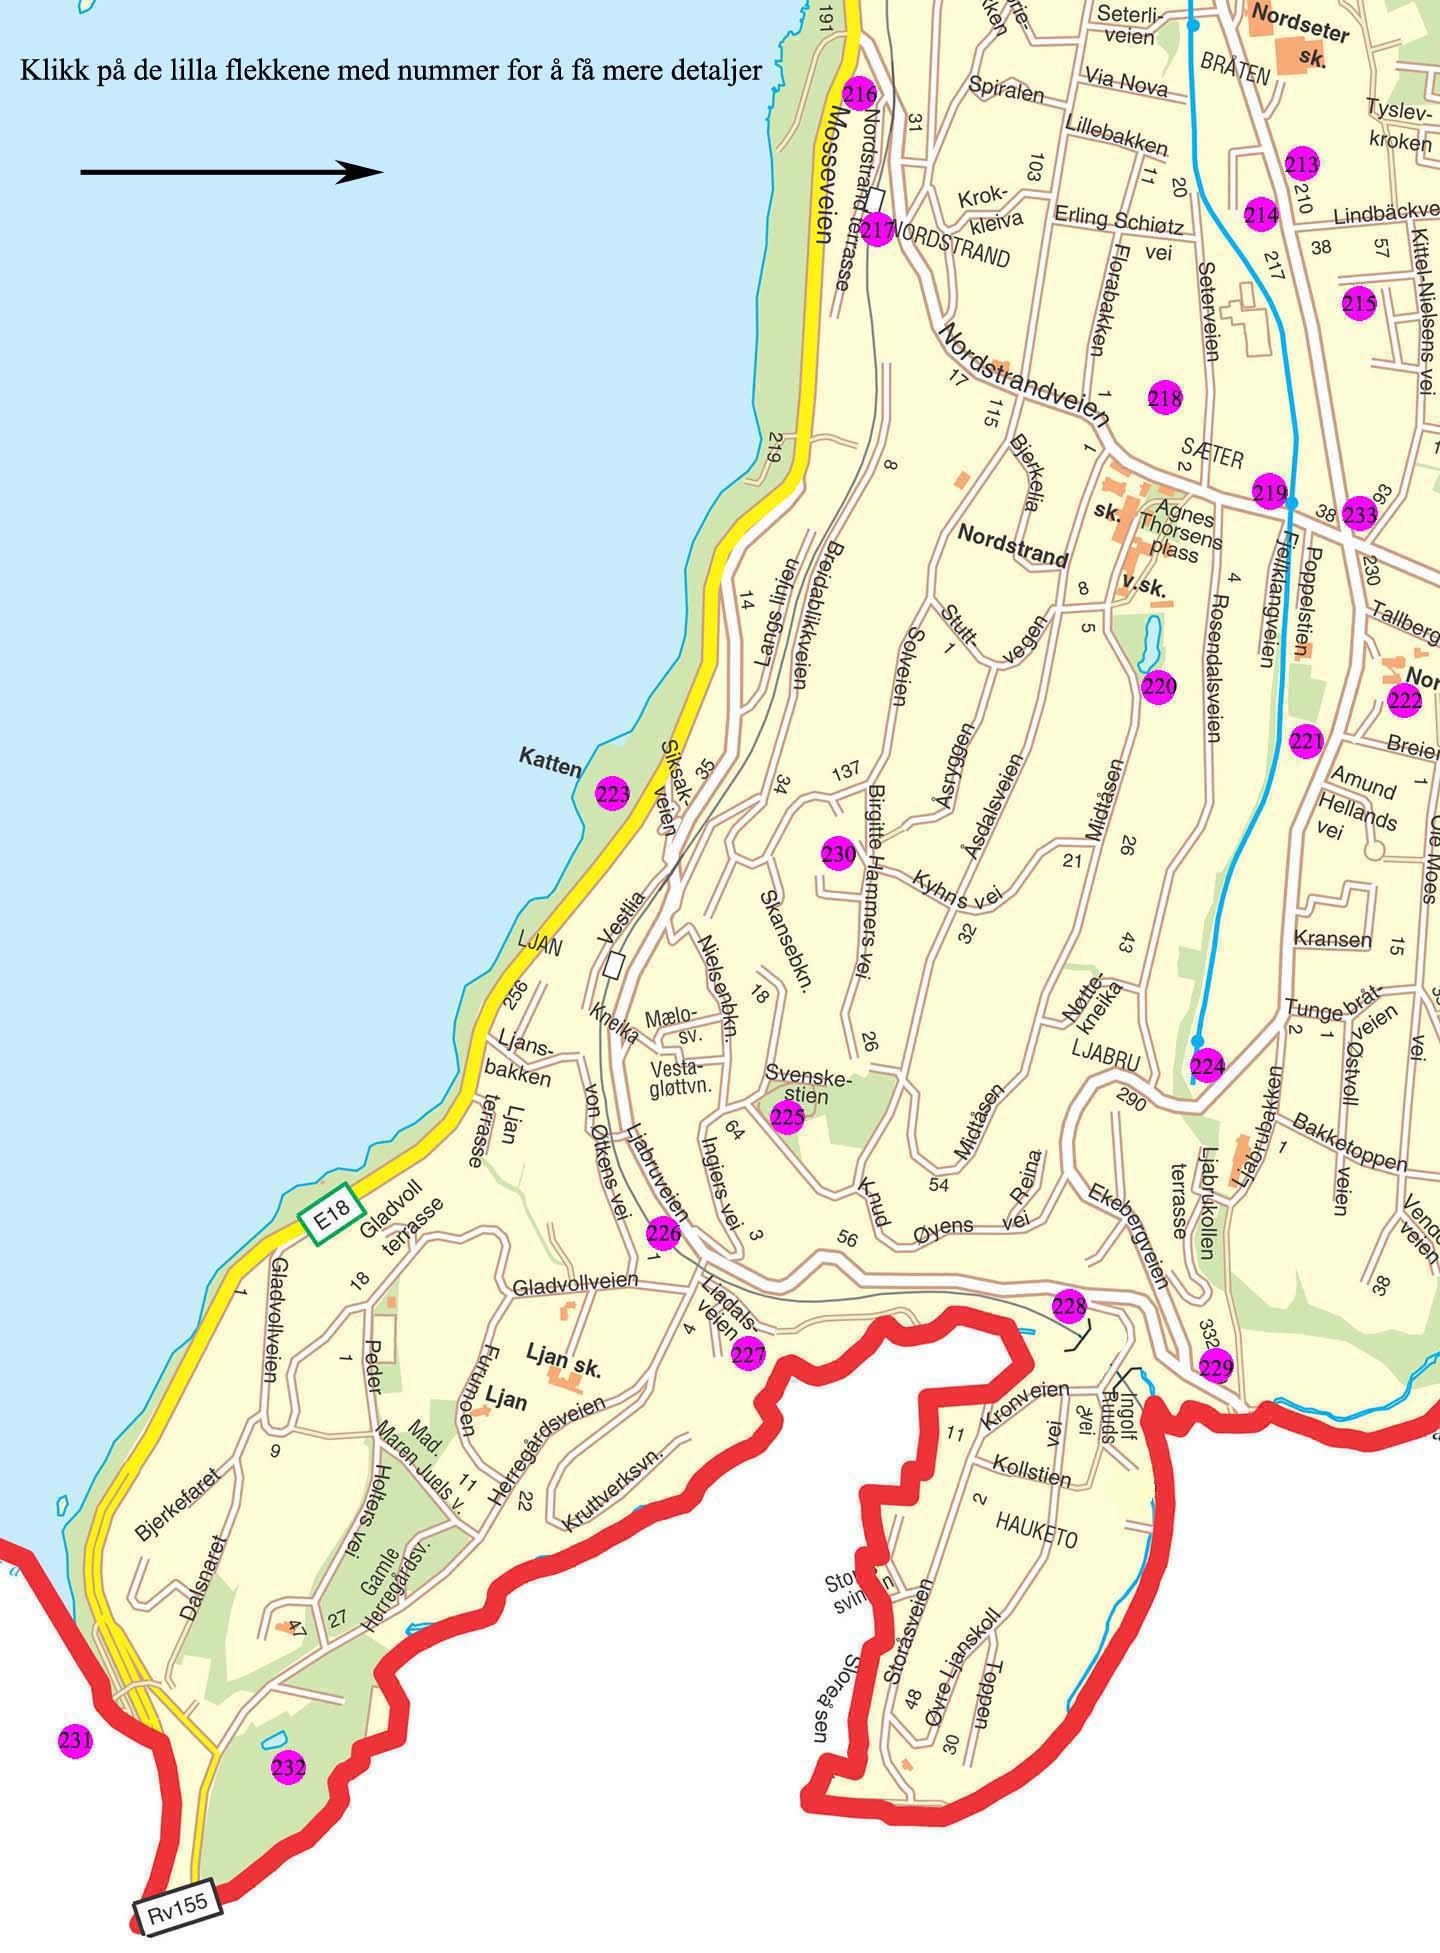 Kart Bydel Nordstrand